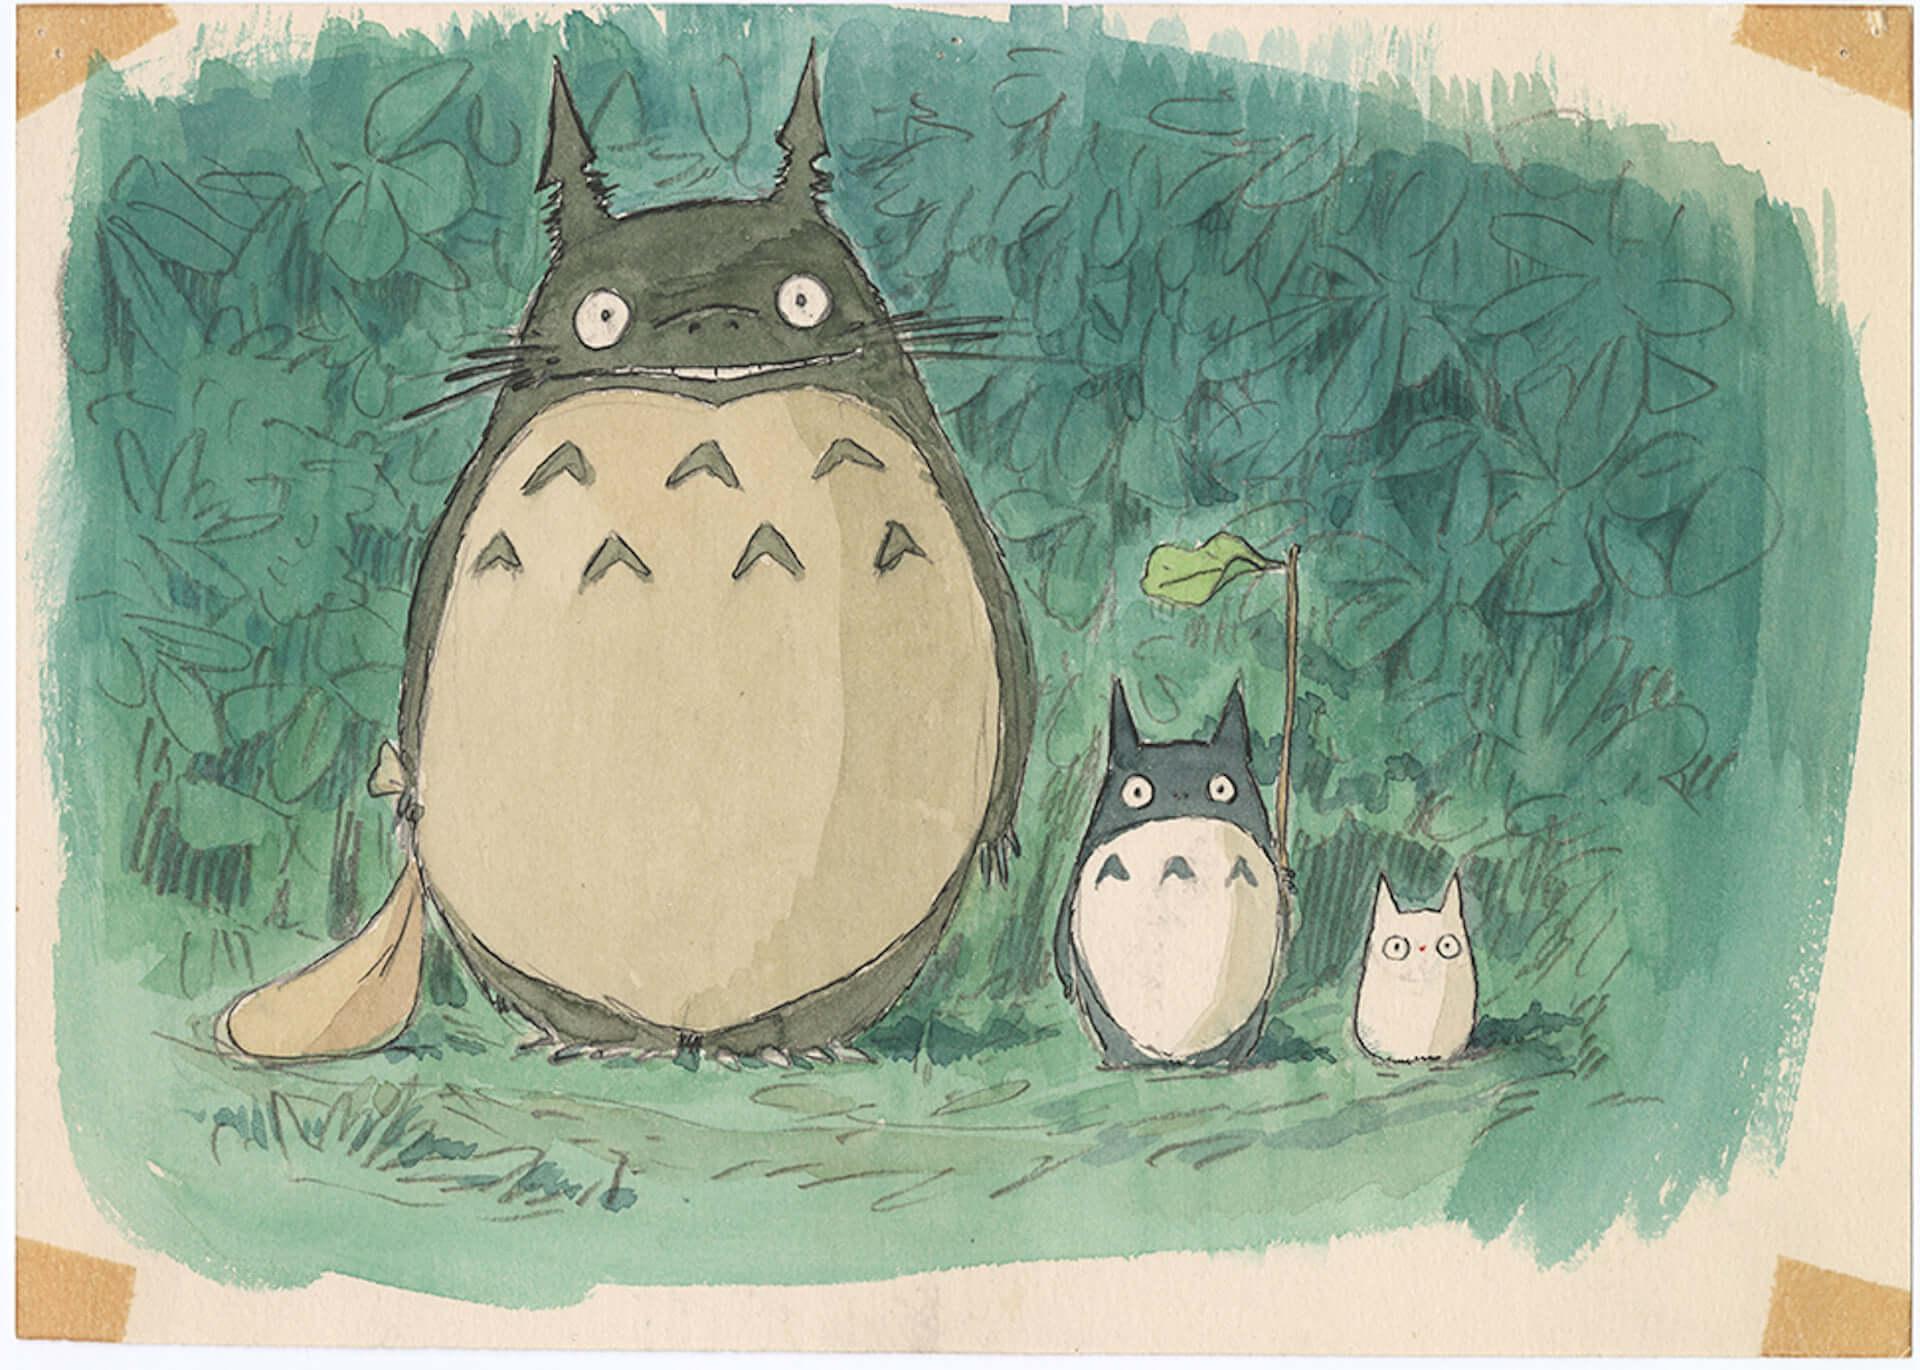 スタジオジブリとアカデミー映画博物館がコラボ!宮崎駿のキャリアを辿る<宮崎駿展>が開催決定&鈴木敏夫のコメントも到着 art200911_hayao-miyazaki_3-1920x1370